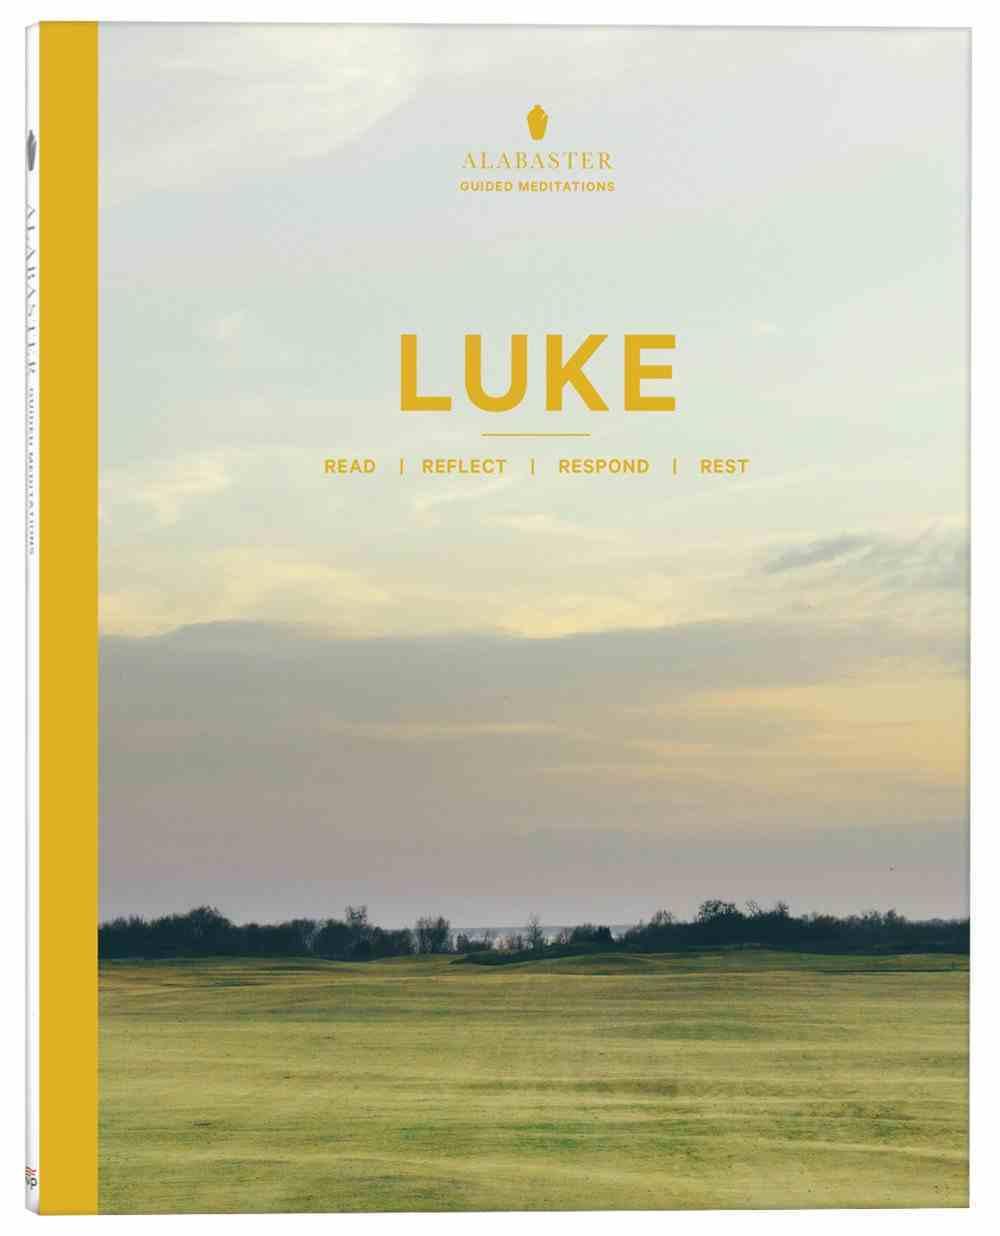 NLT Alabaster Luke: Read, Reflect, Respond, Rest (Alabaster Guided Meditations Series) Paperback